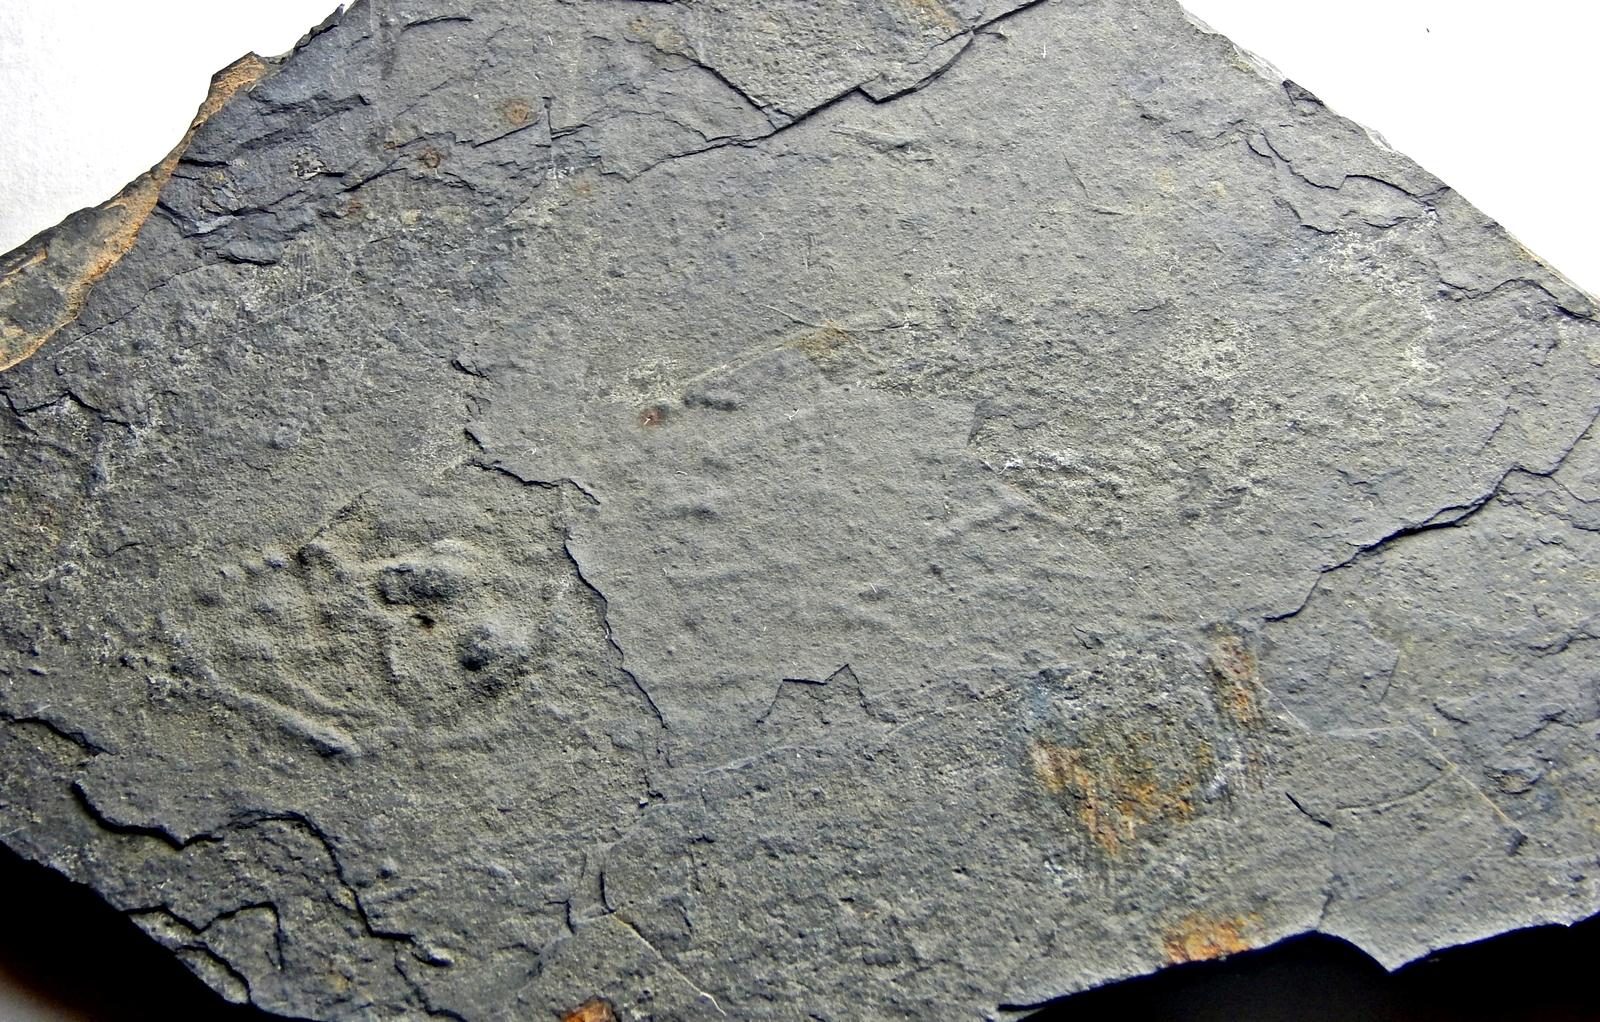 Triassic coelacanth